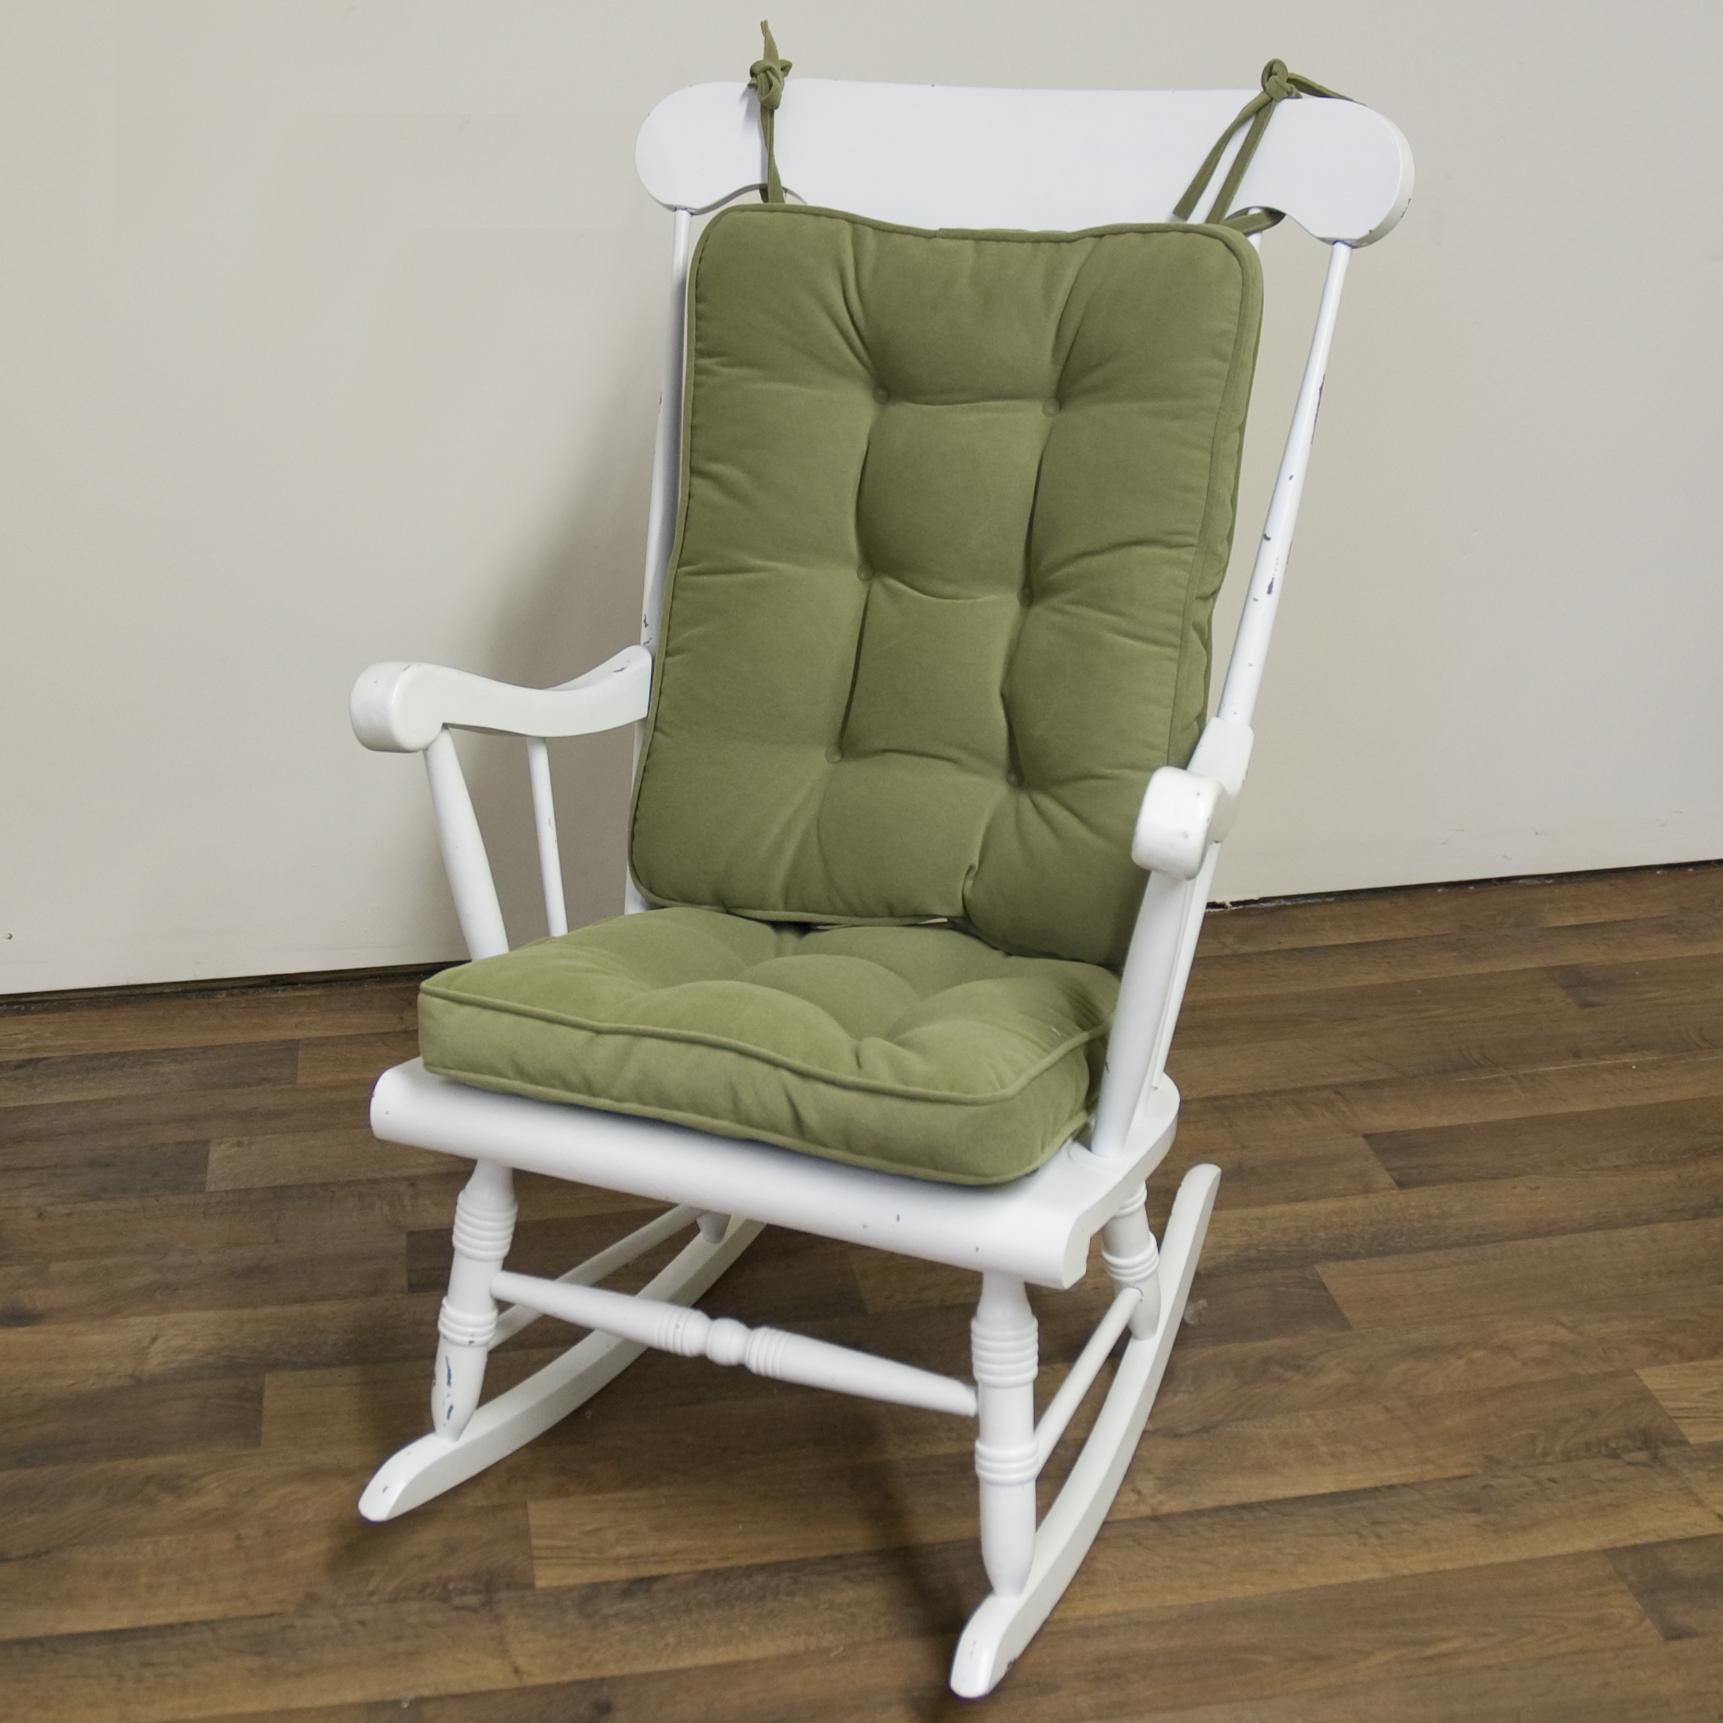 Chair Cushion Fabric Chair Pads Amp Cushions